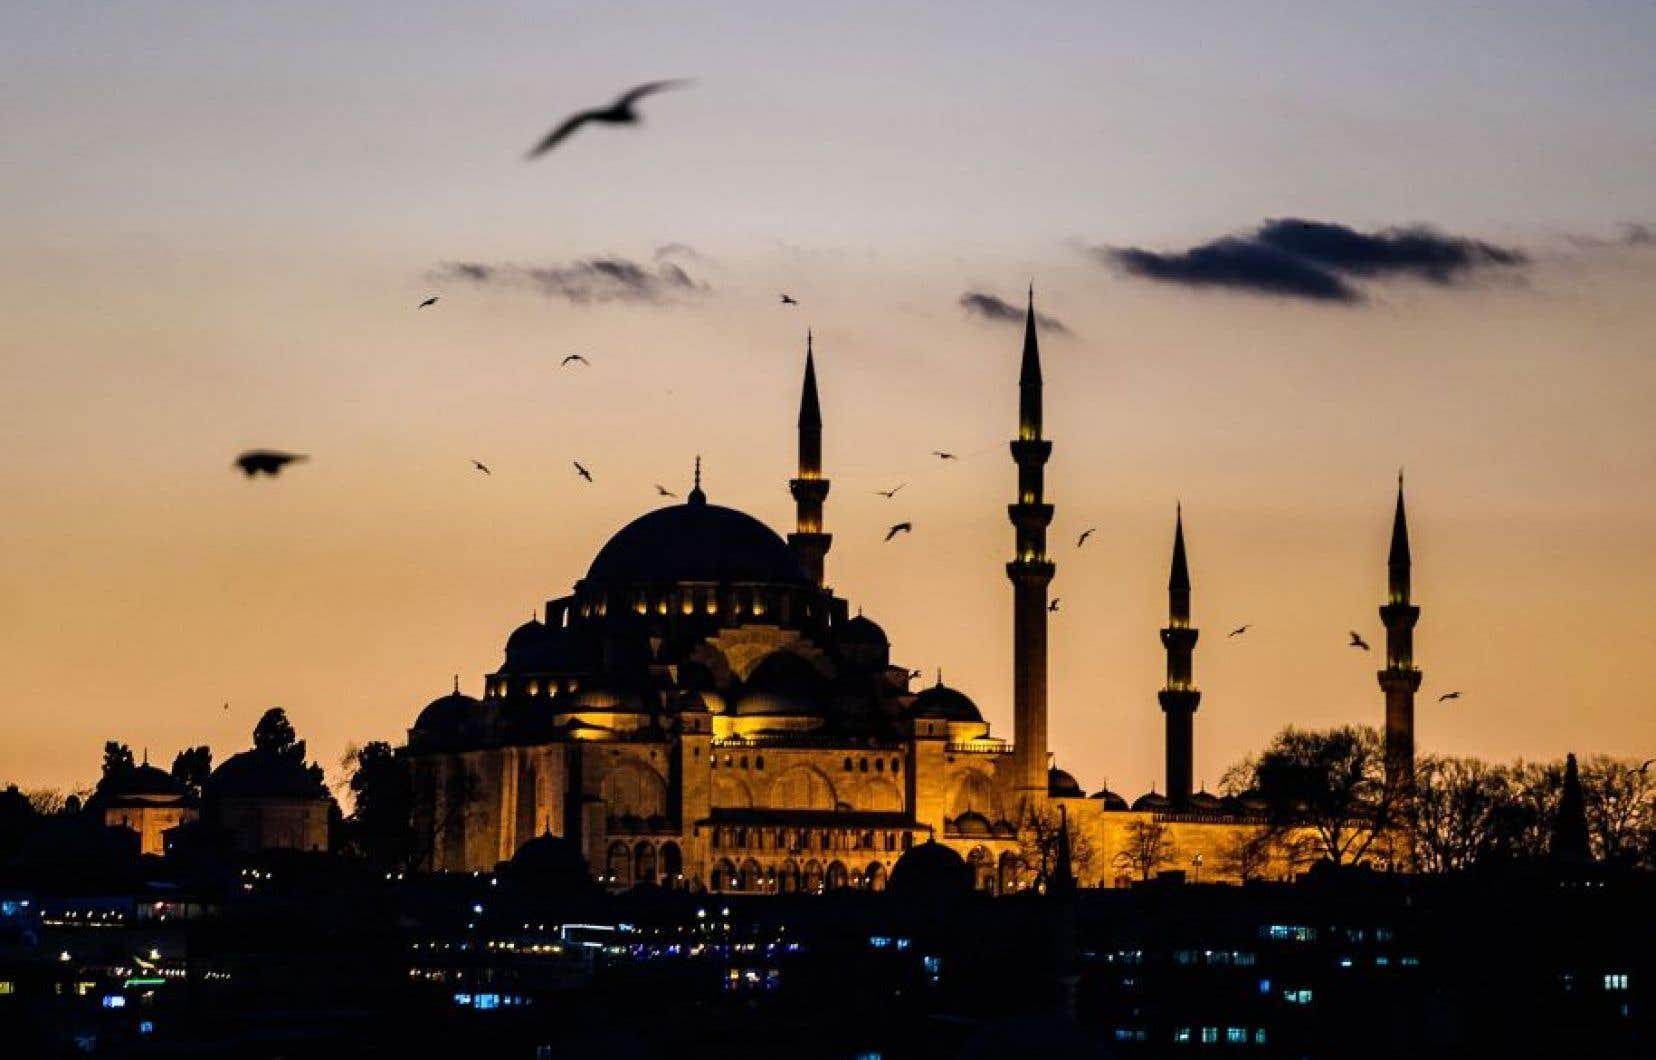 La mosquée Souleymane, à Istanbul, un des lieux les plus visités en Turquie. Mais les touristes y sont de moins en moins nombreux en raison des attentats terroristes qui s'y répètent.